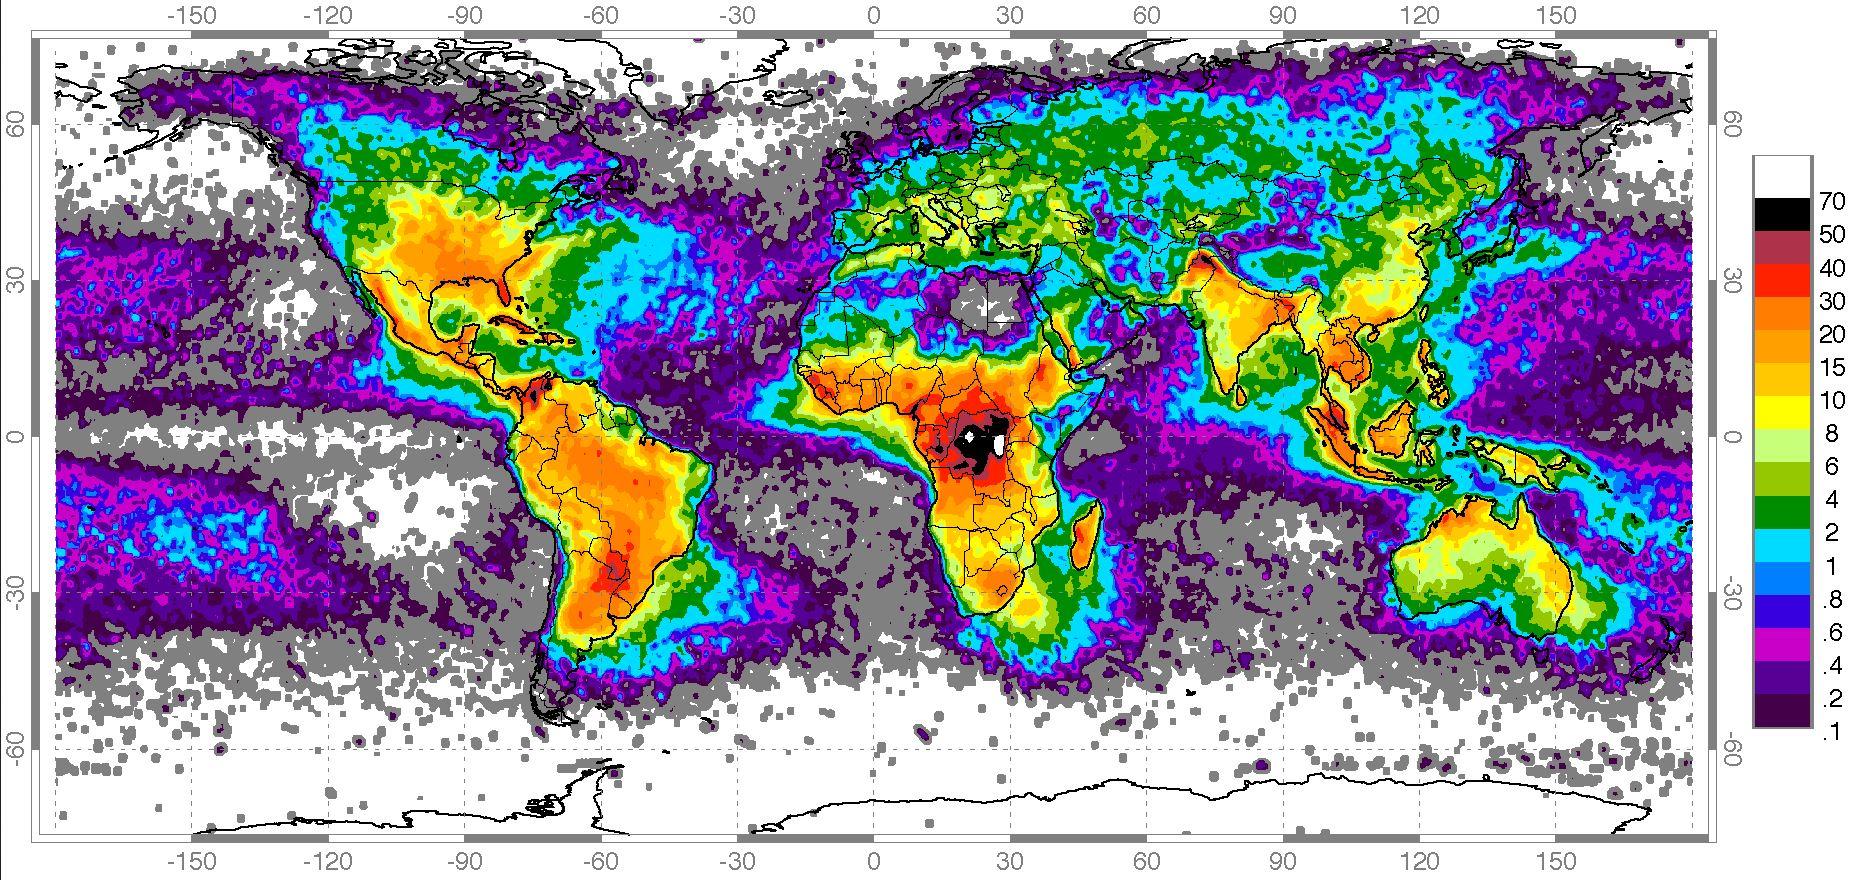 Frequência de raios que atingem o solo (n° de ocorrências por km2 por dia) Crédito: Nasa.gov